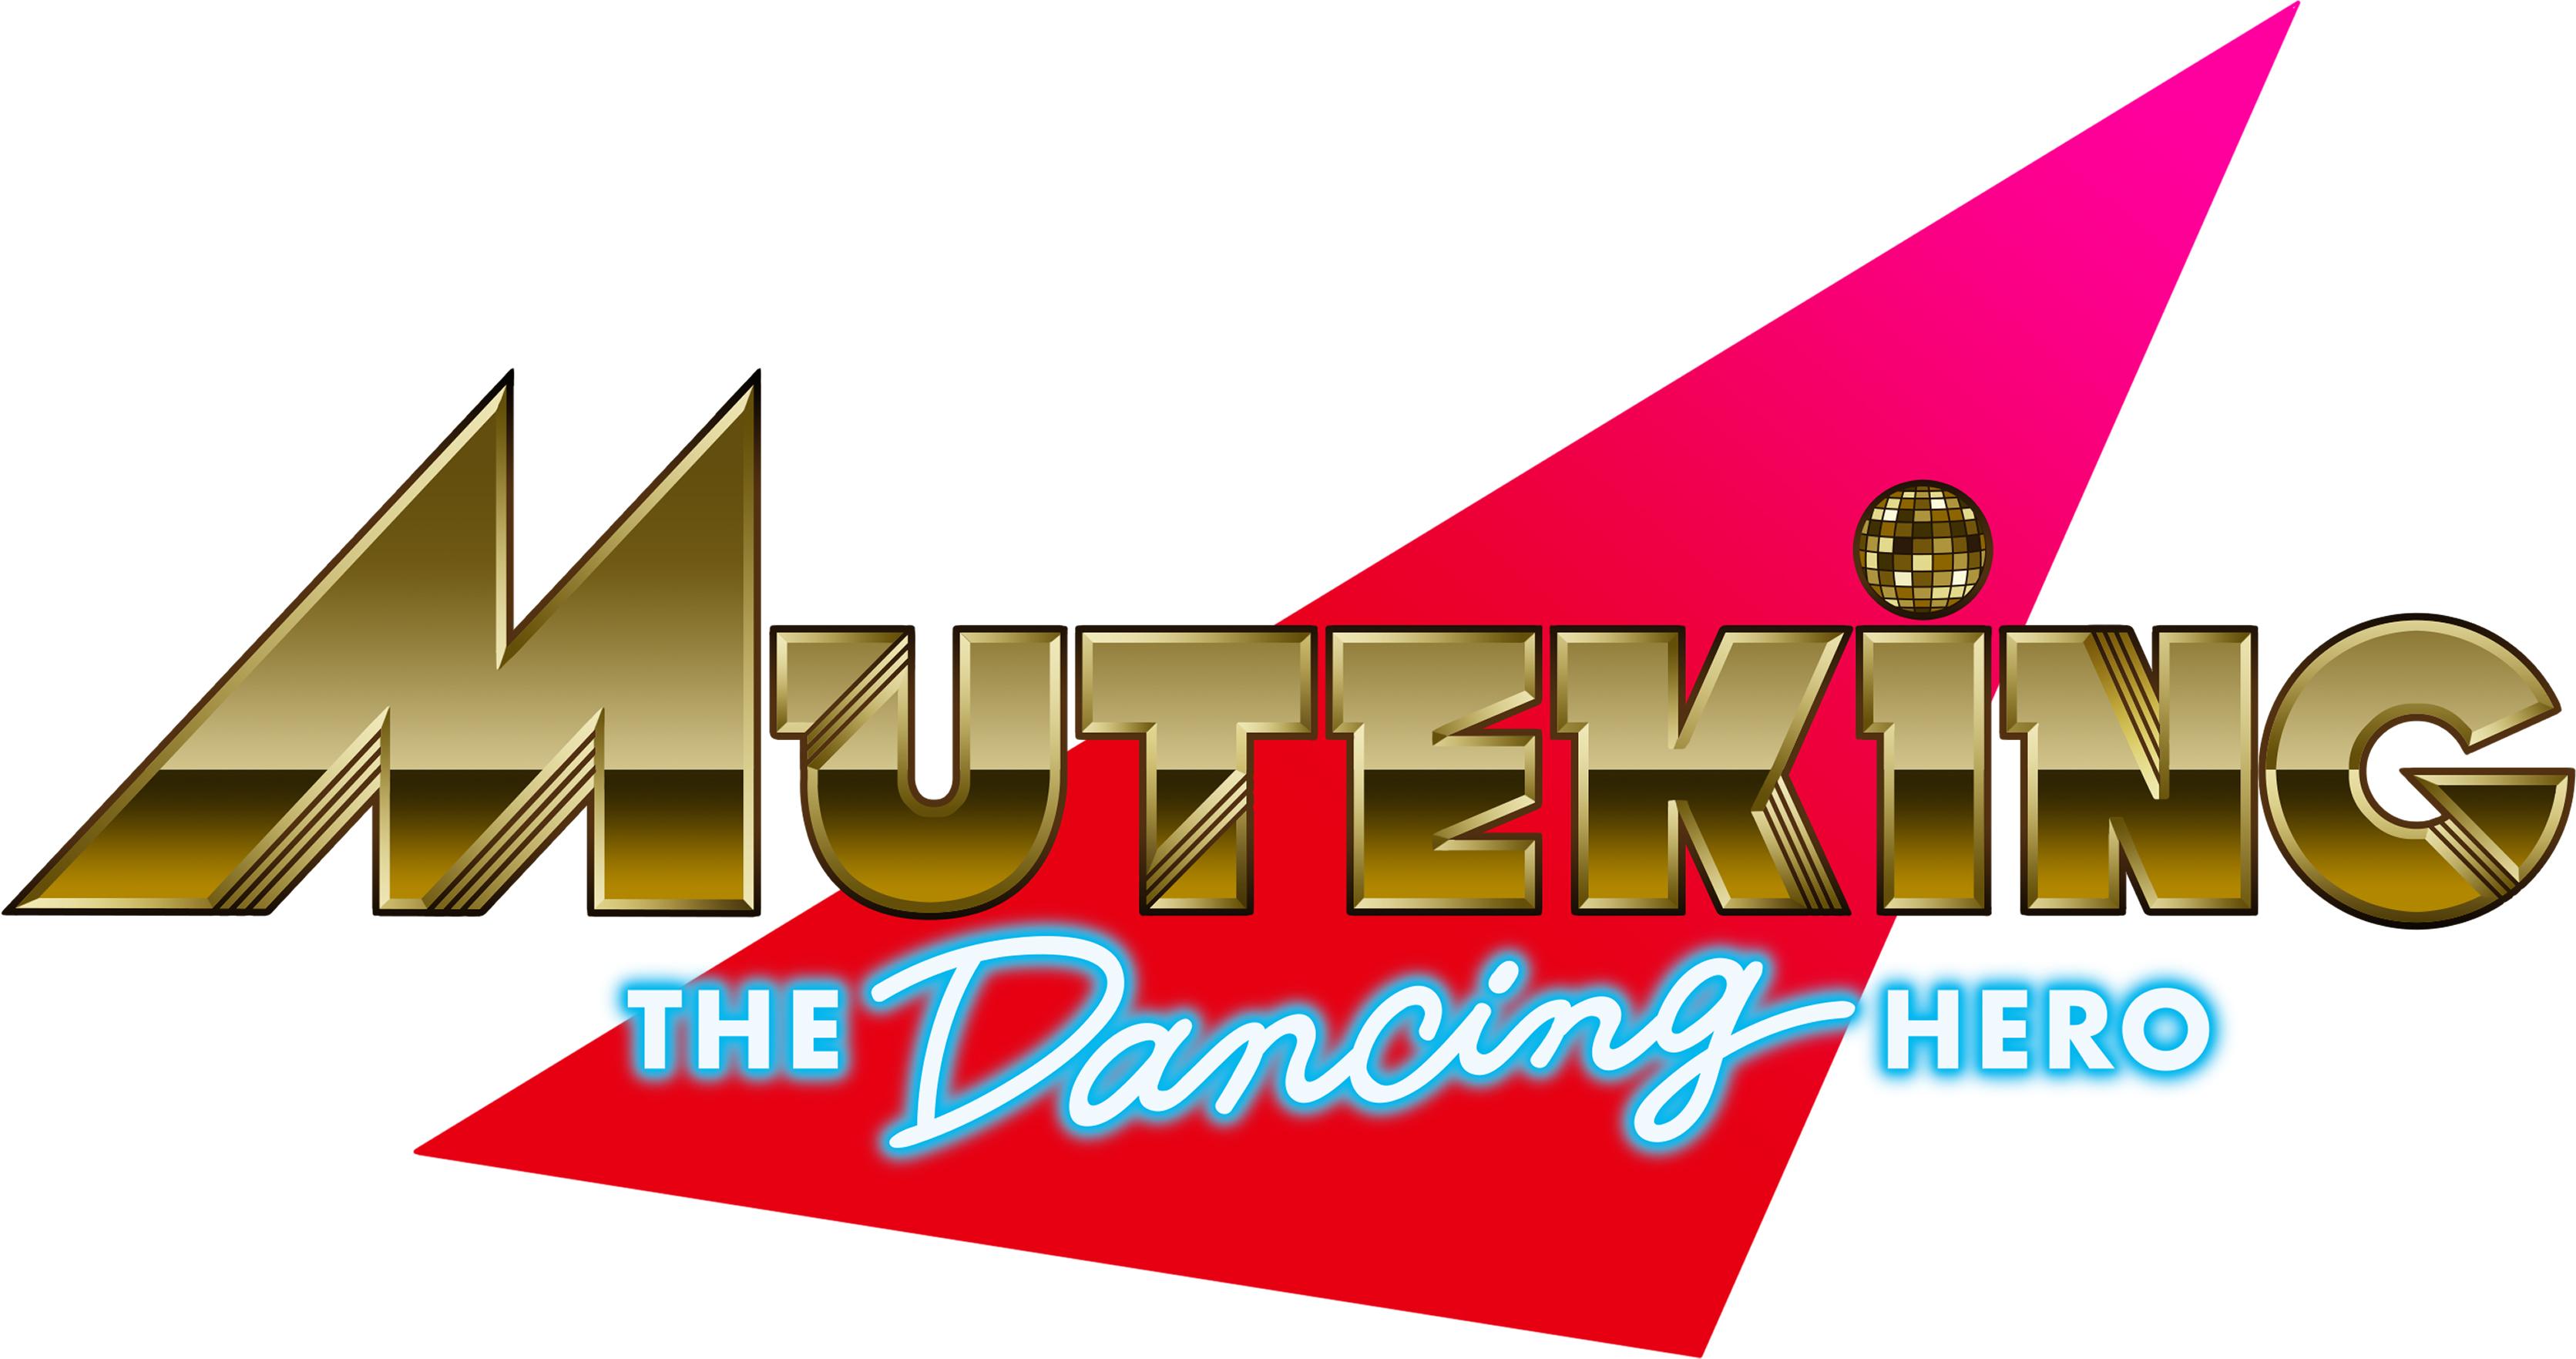 Una imagen promocional con el logo del próximo anime televisivo MUTEKING THE Dancing HERO.